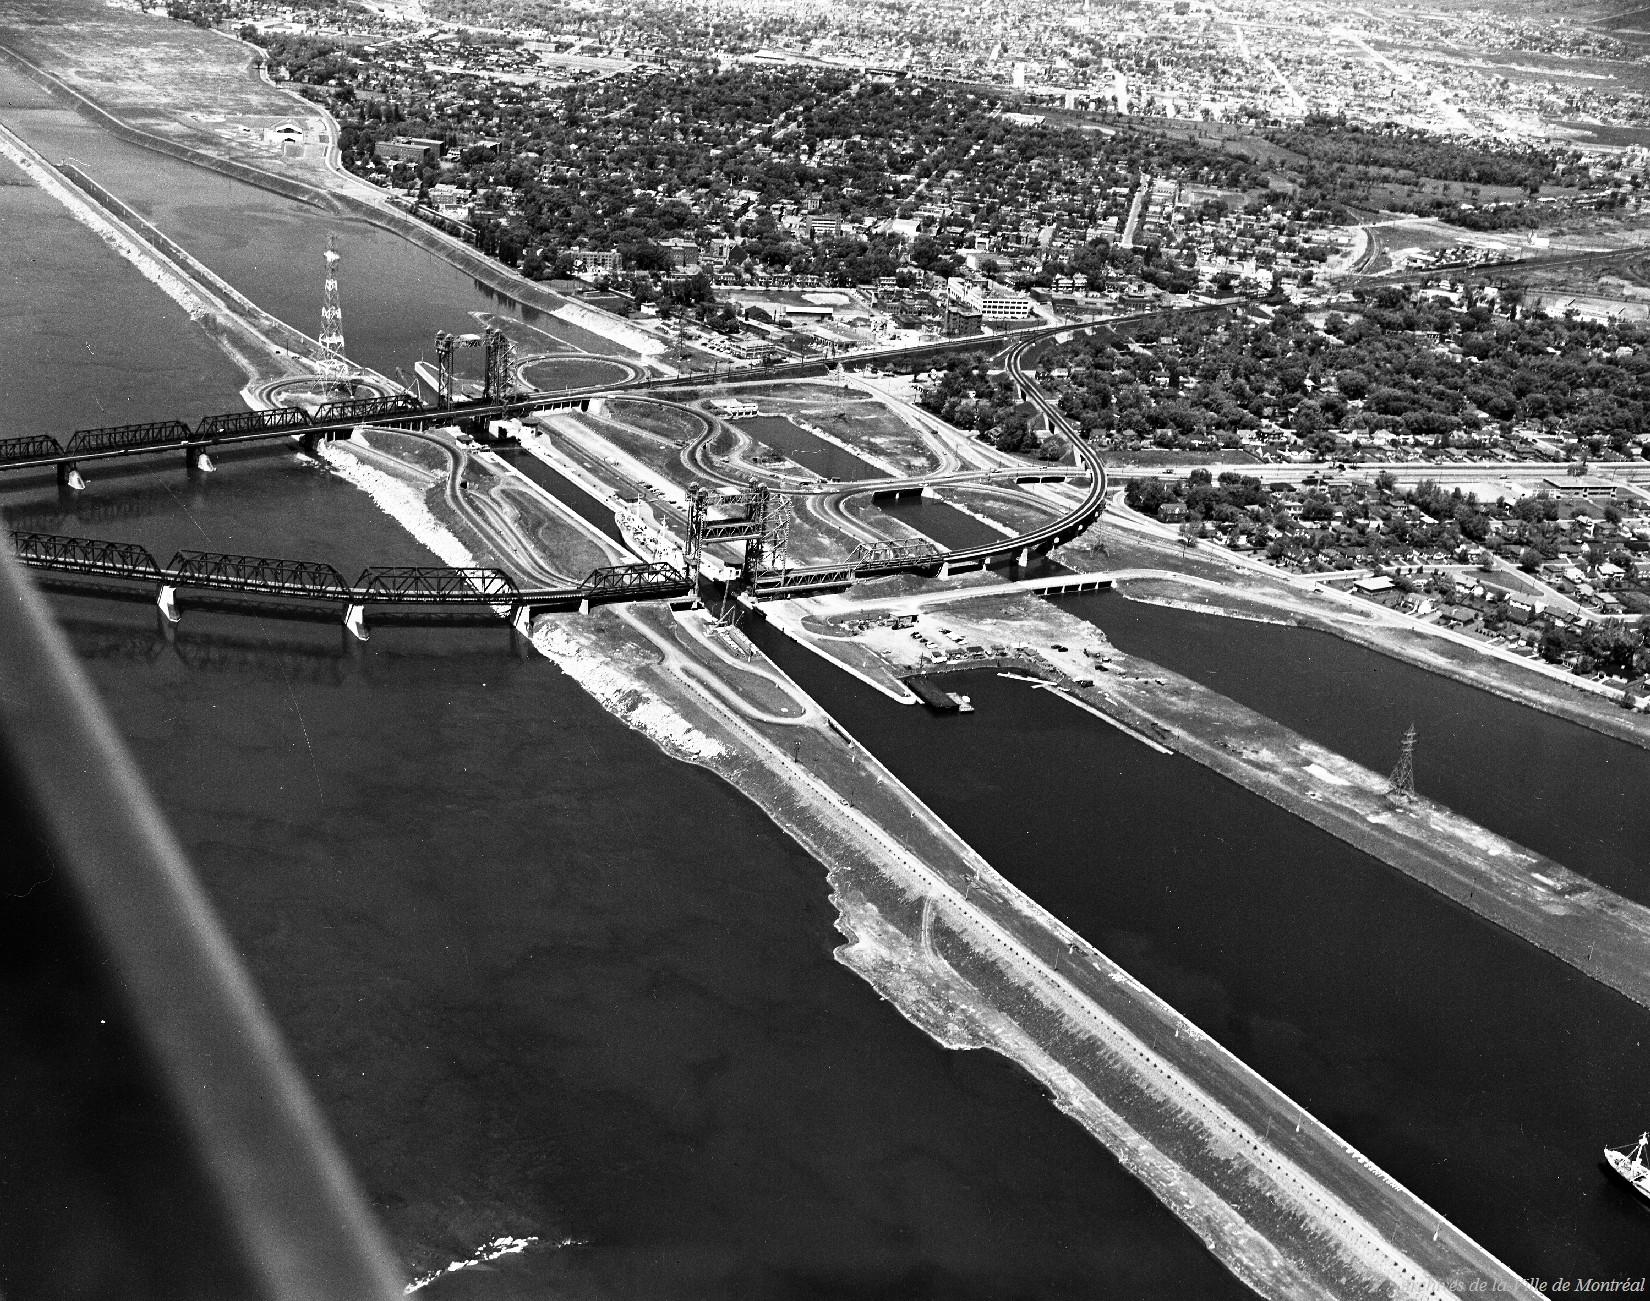 Voie maritime, entrée de la première écluse sous le pont Victoria / Armour Landry . - Juillet 1962 CA M001 VM094-Y-1-02-D006